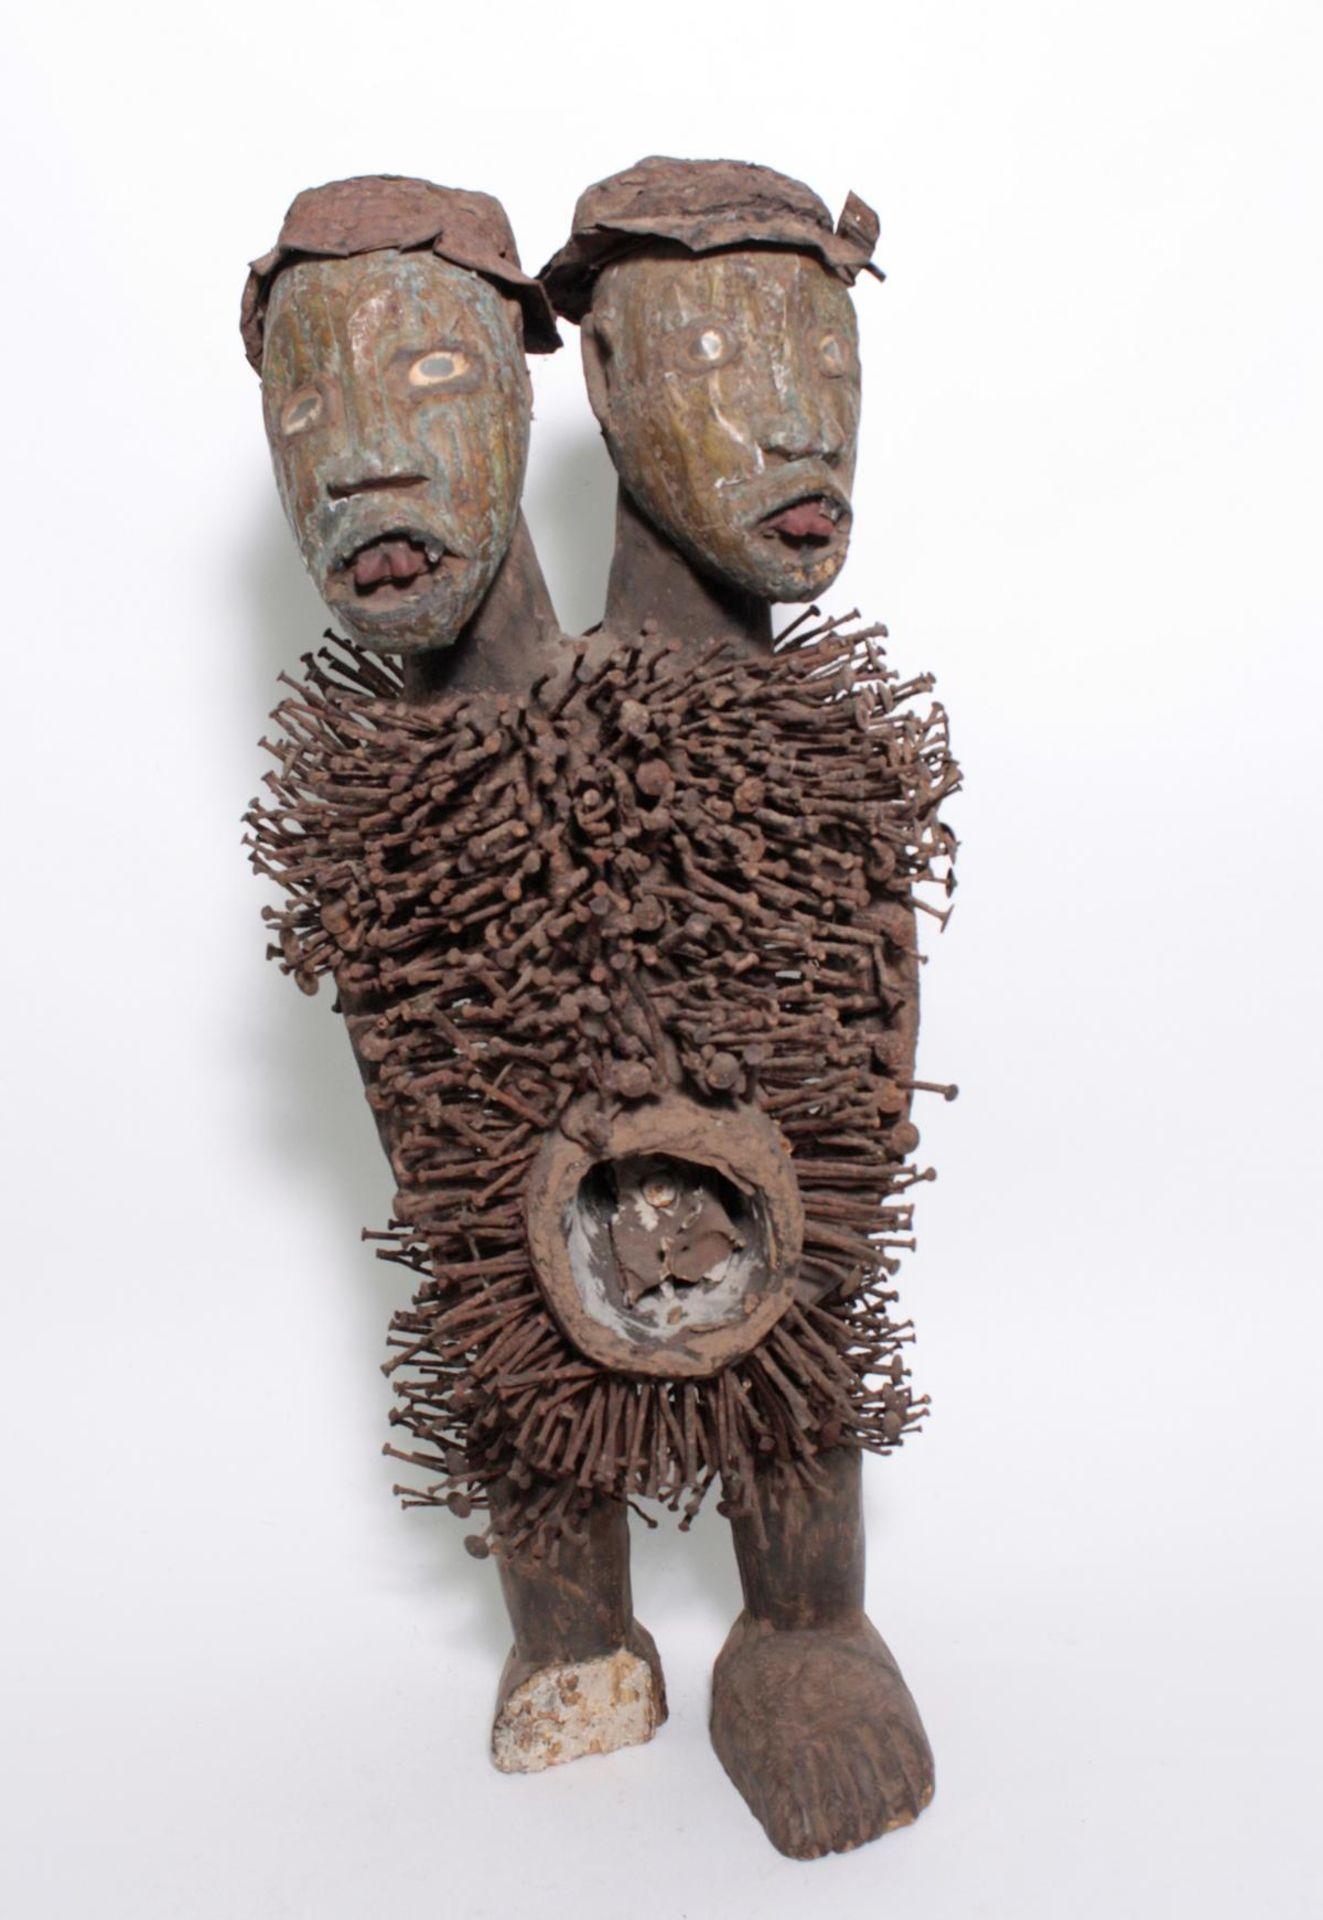 Doppelkopf-Nagelfetisch-Ritual Figur. Kongo-Yombe, Nkisi Nkondi, 1. Hälfte 20. Jh.